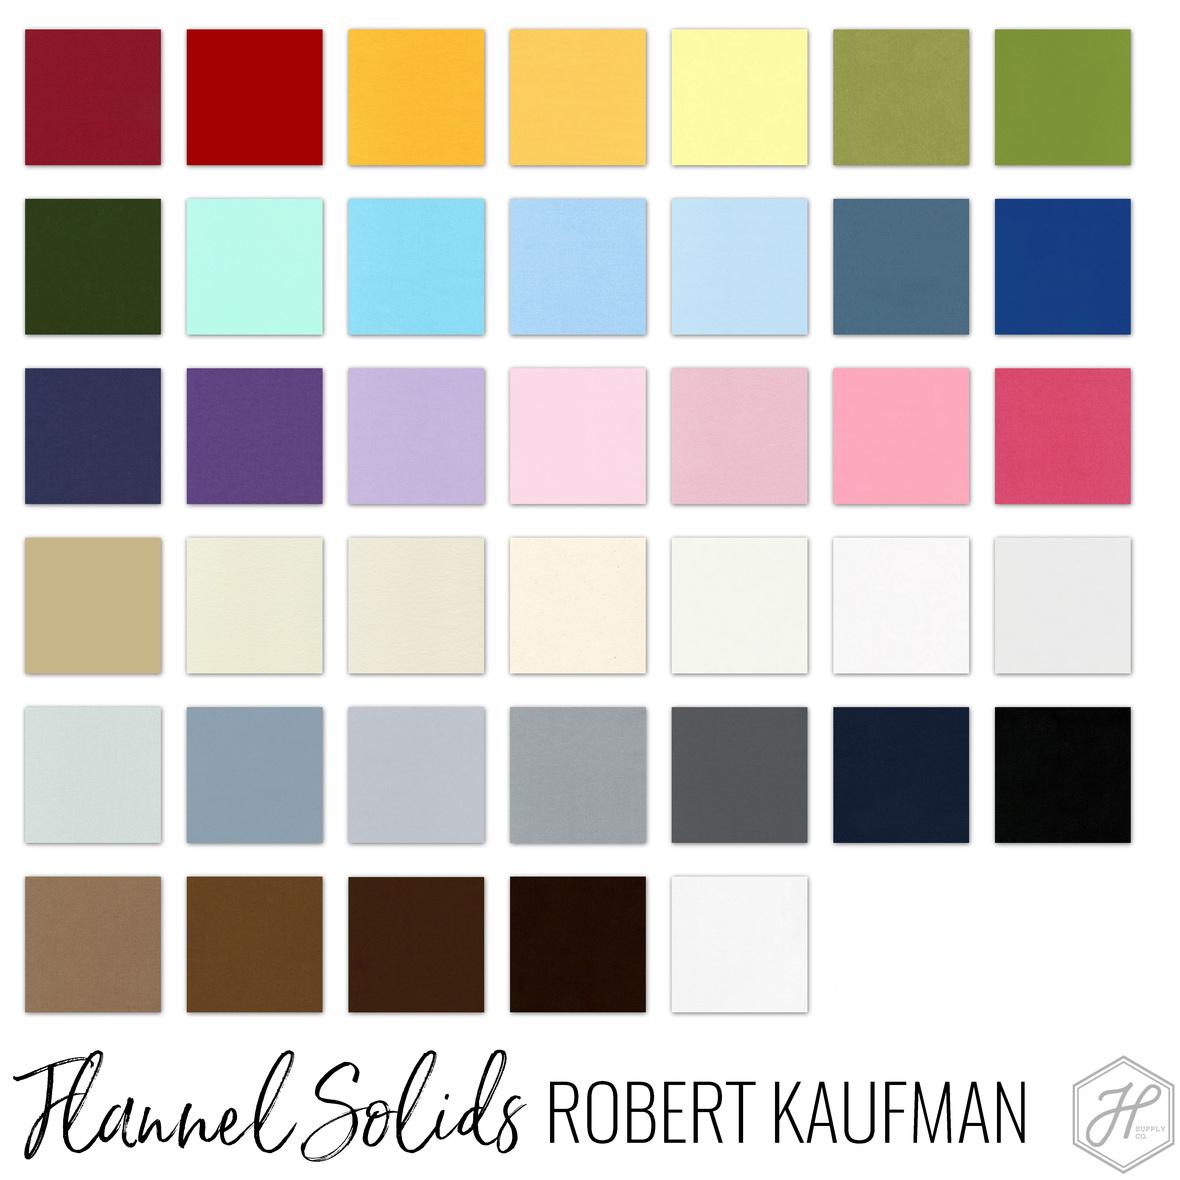 Flannel-Solids-Robert-Kaufman-2